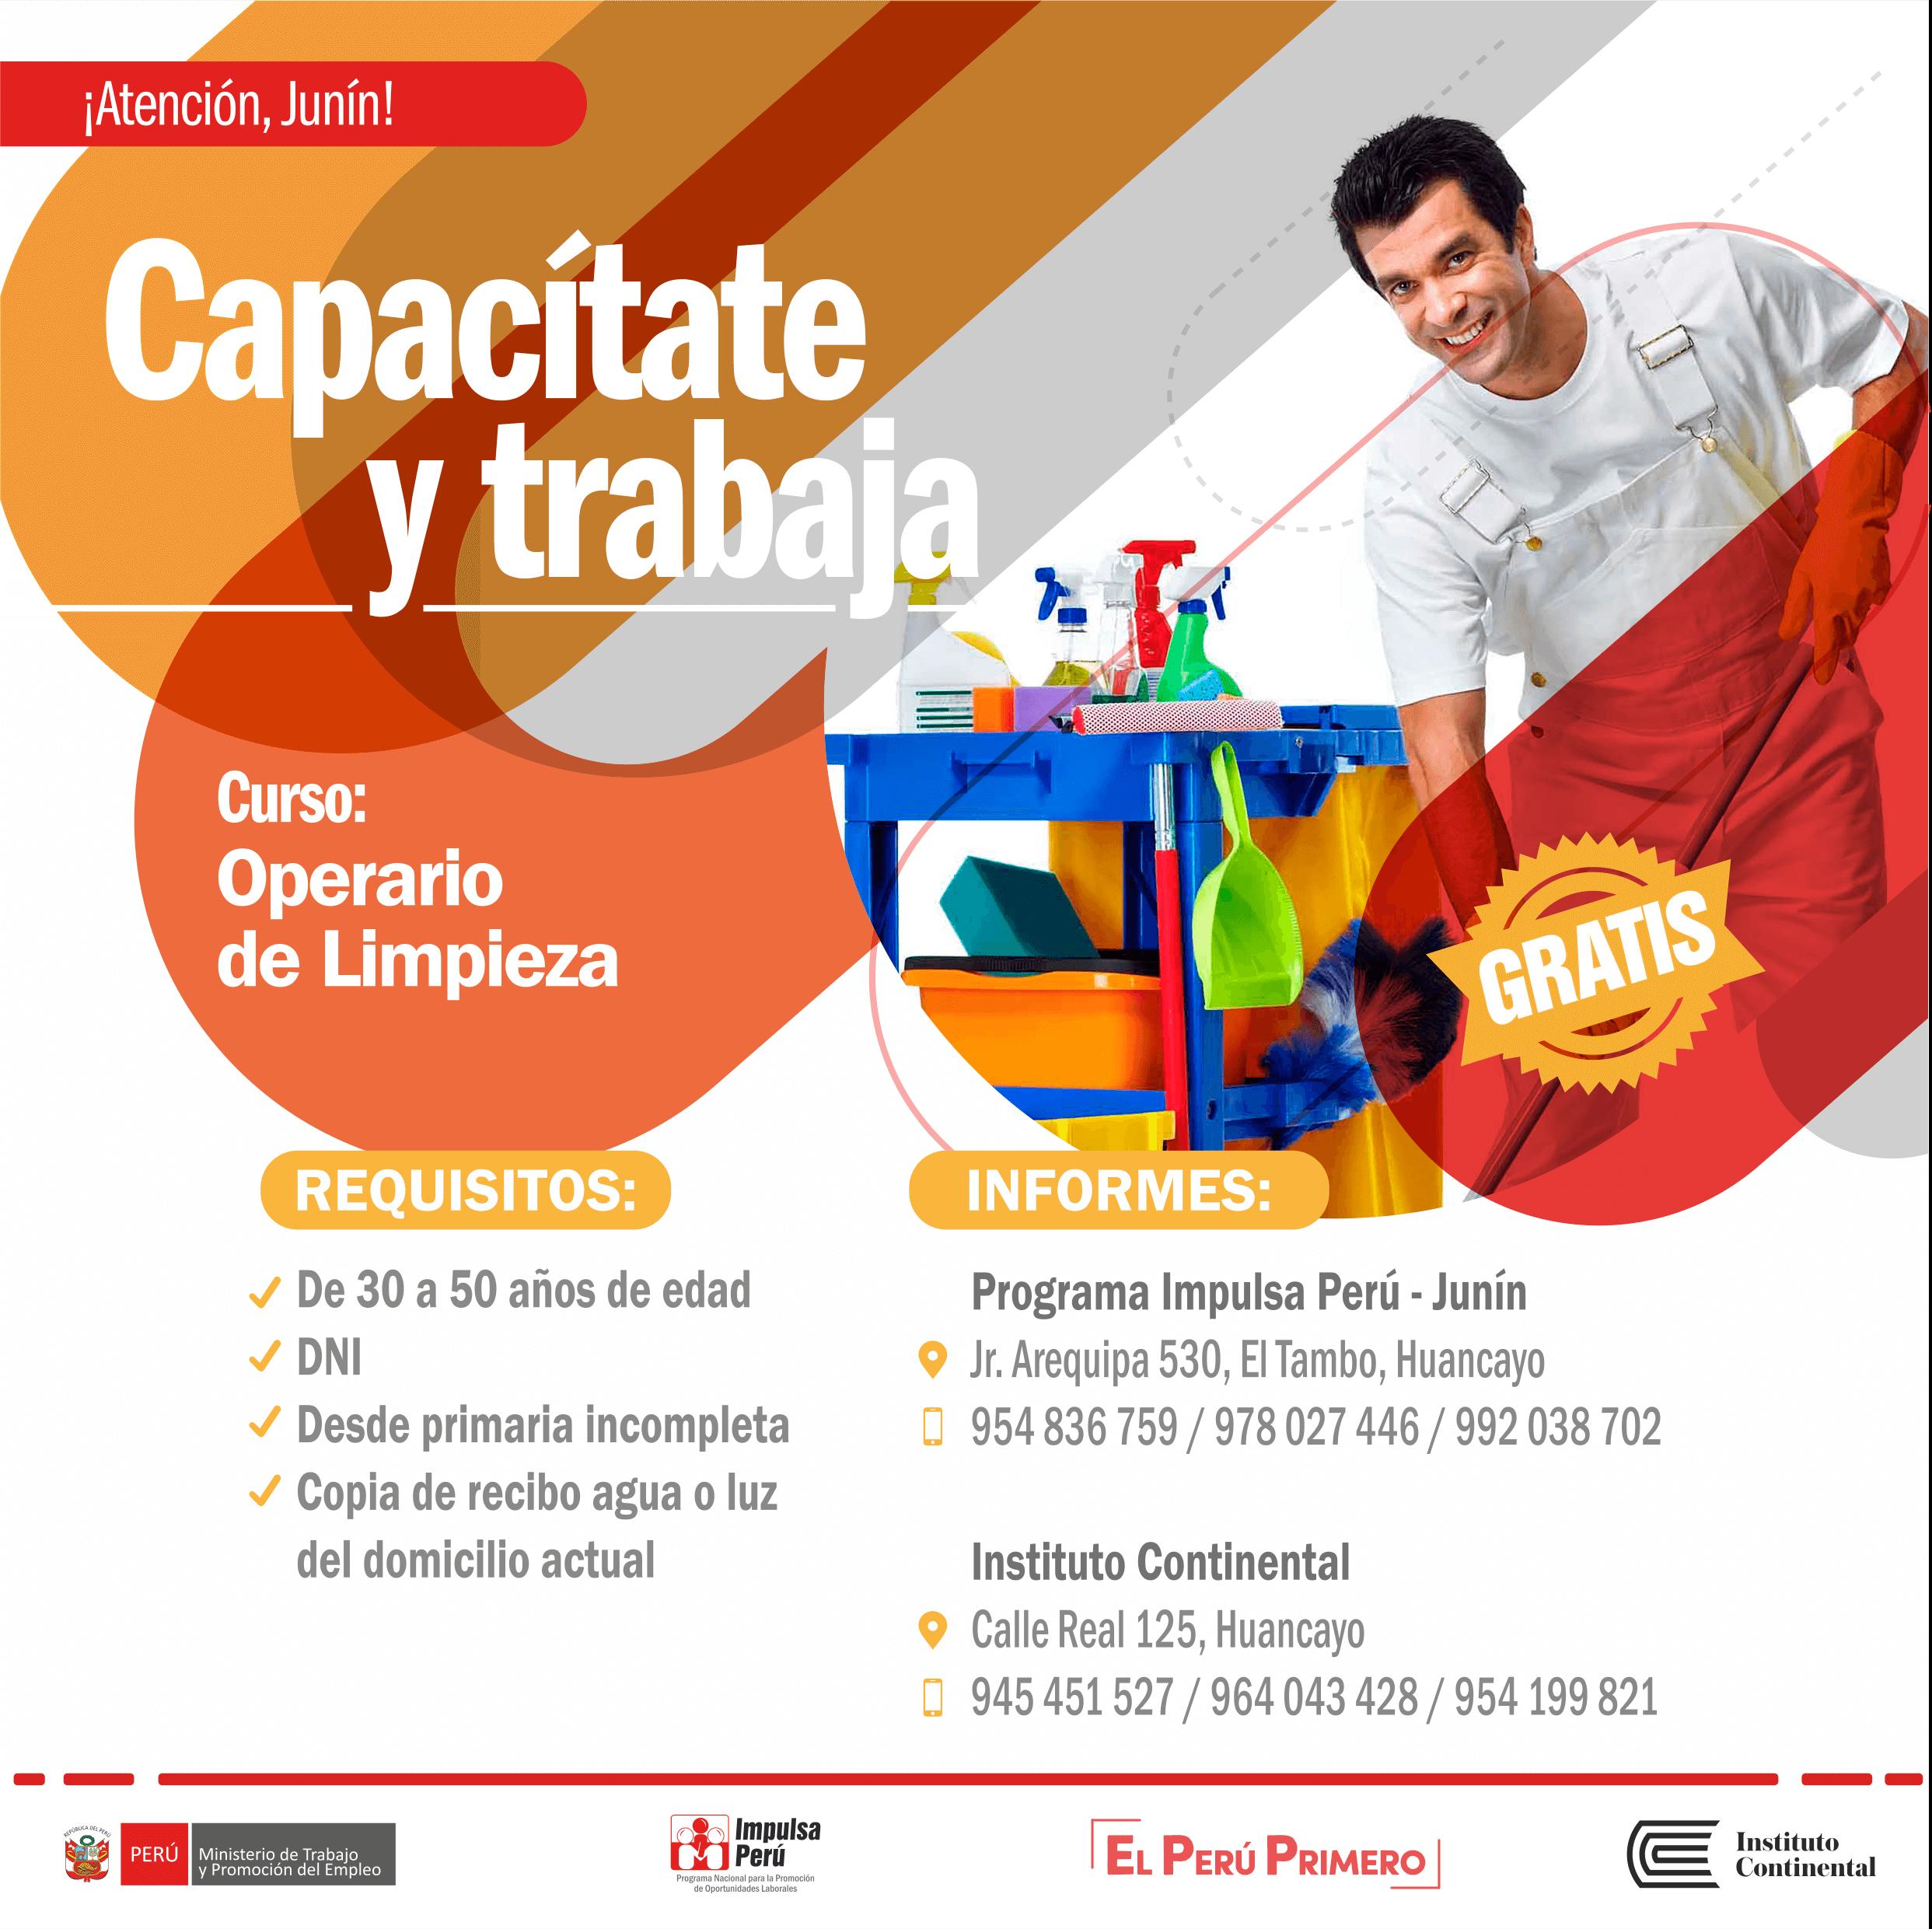 Continúan las capacitaciones gratuitas gracias a Impulsa Perú e Instituto Continental